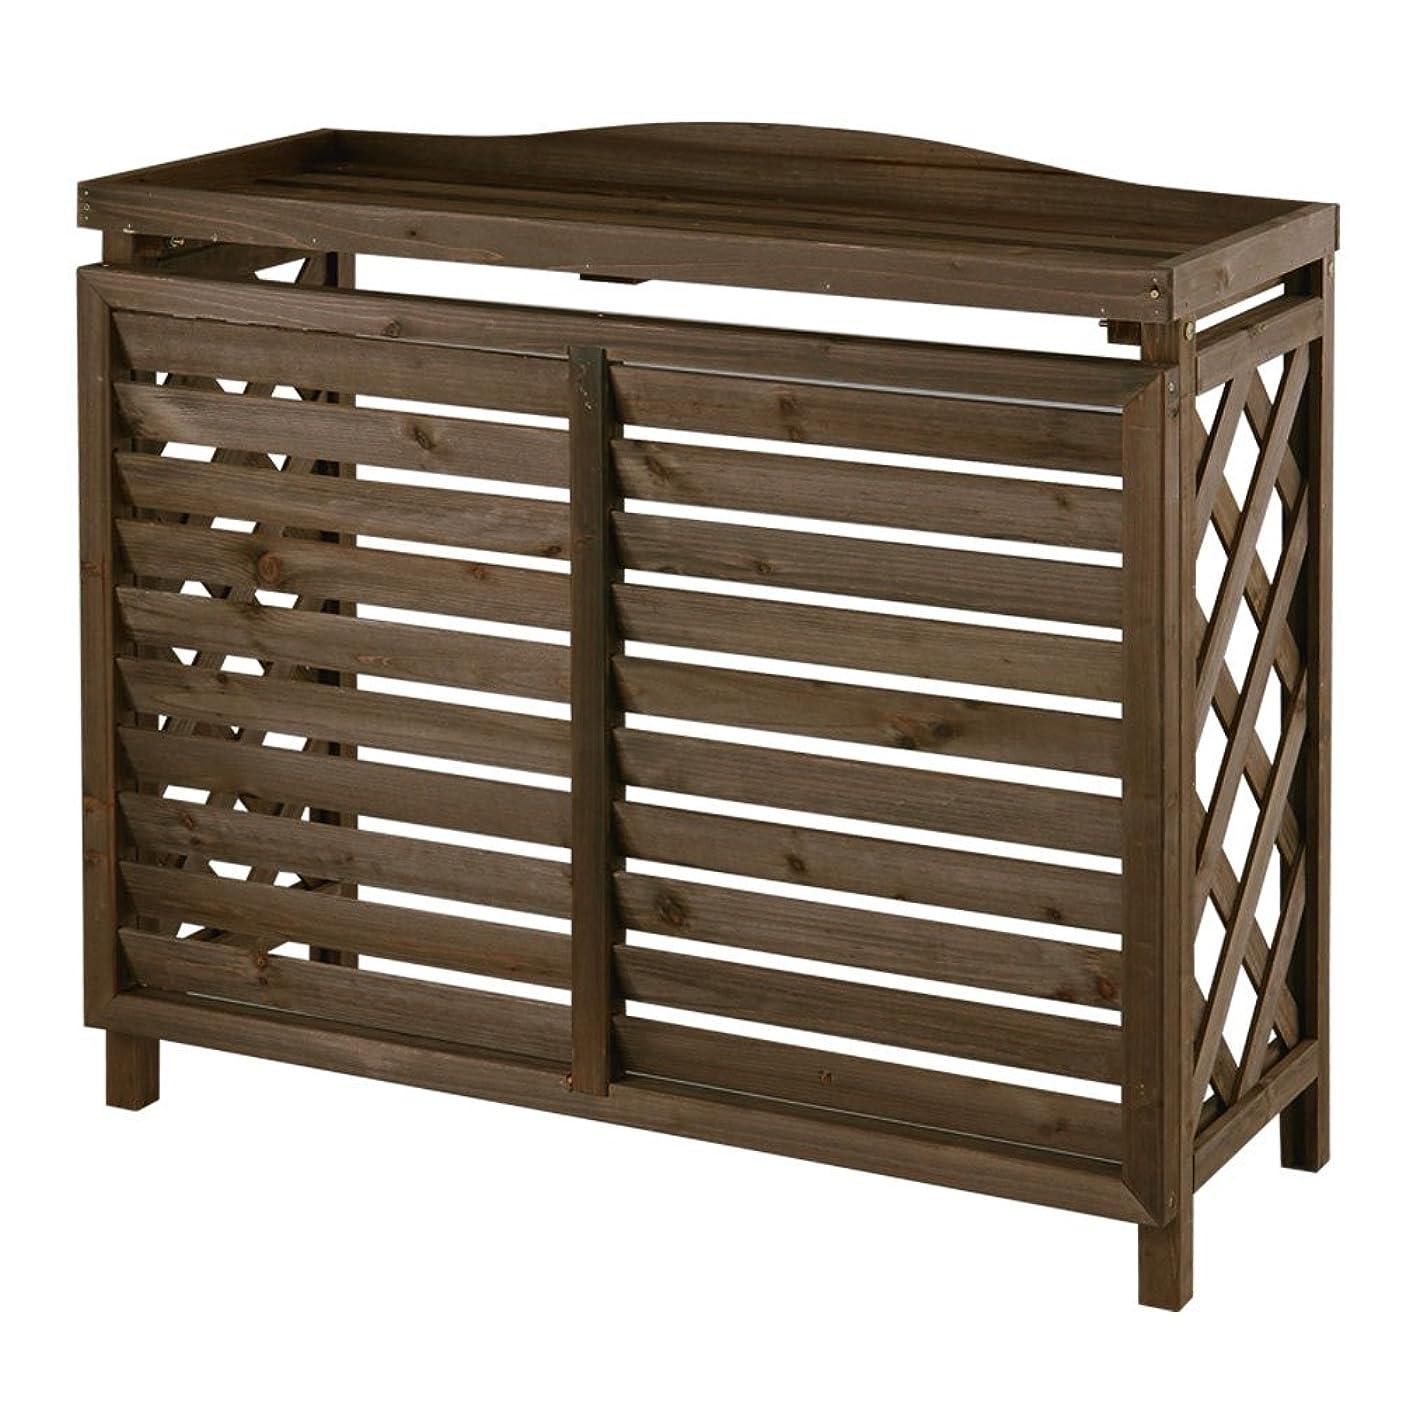 監査クレア終点ぼん家具 室外機 カバー 逆ルーバー エアコン 木製 ウッド ガーデニング ガーデン 庭 杉 スギ ルーバー 室外機カバー